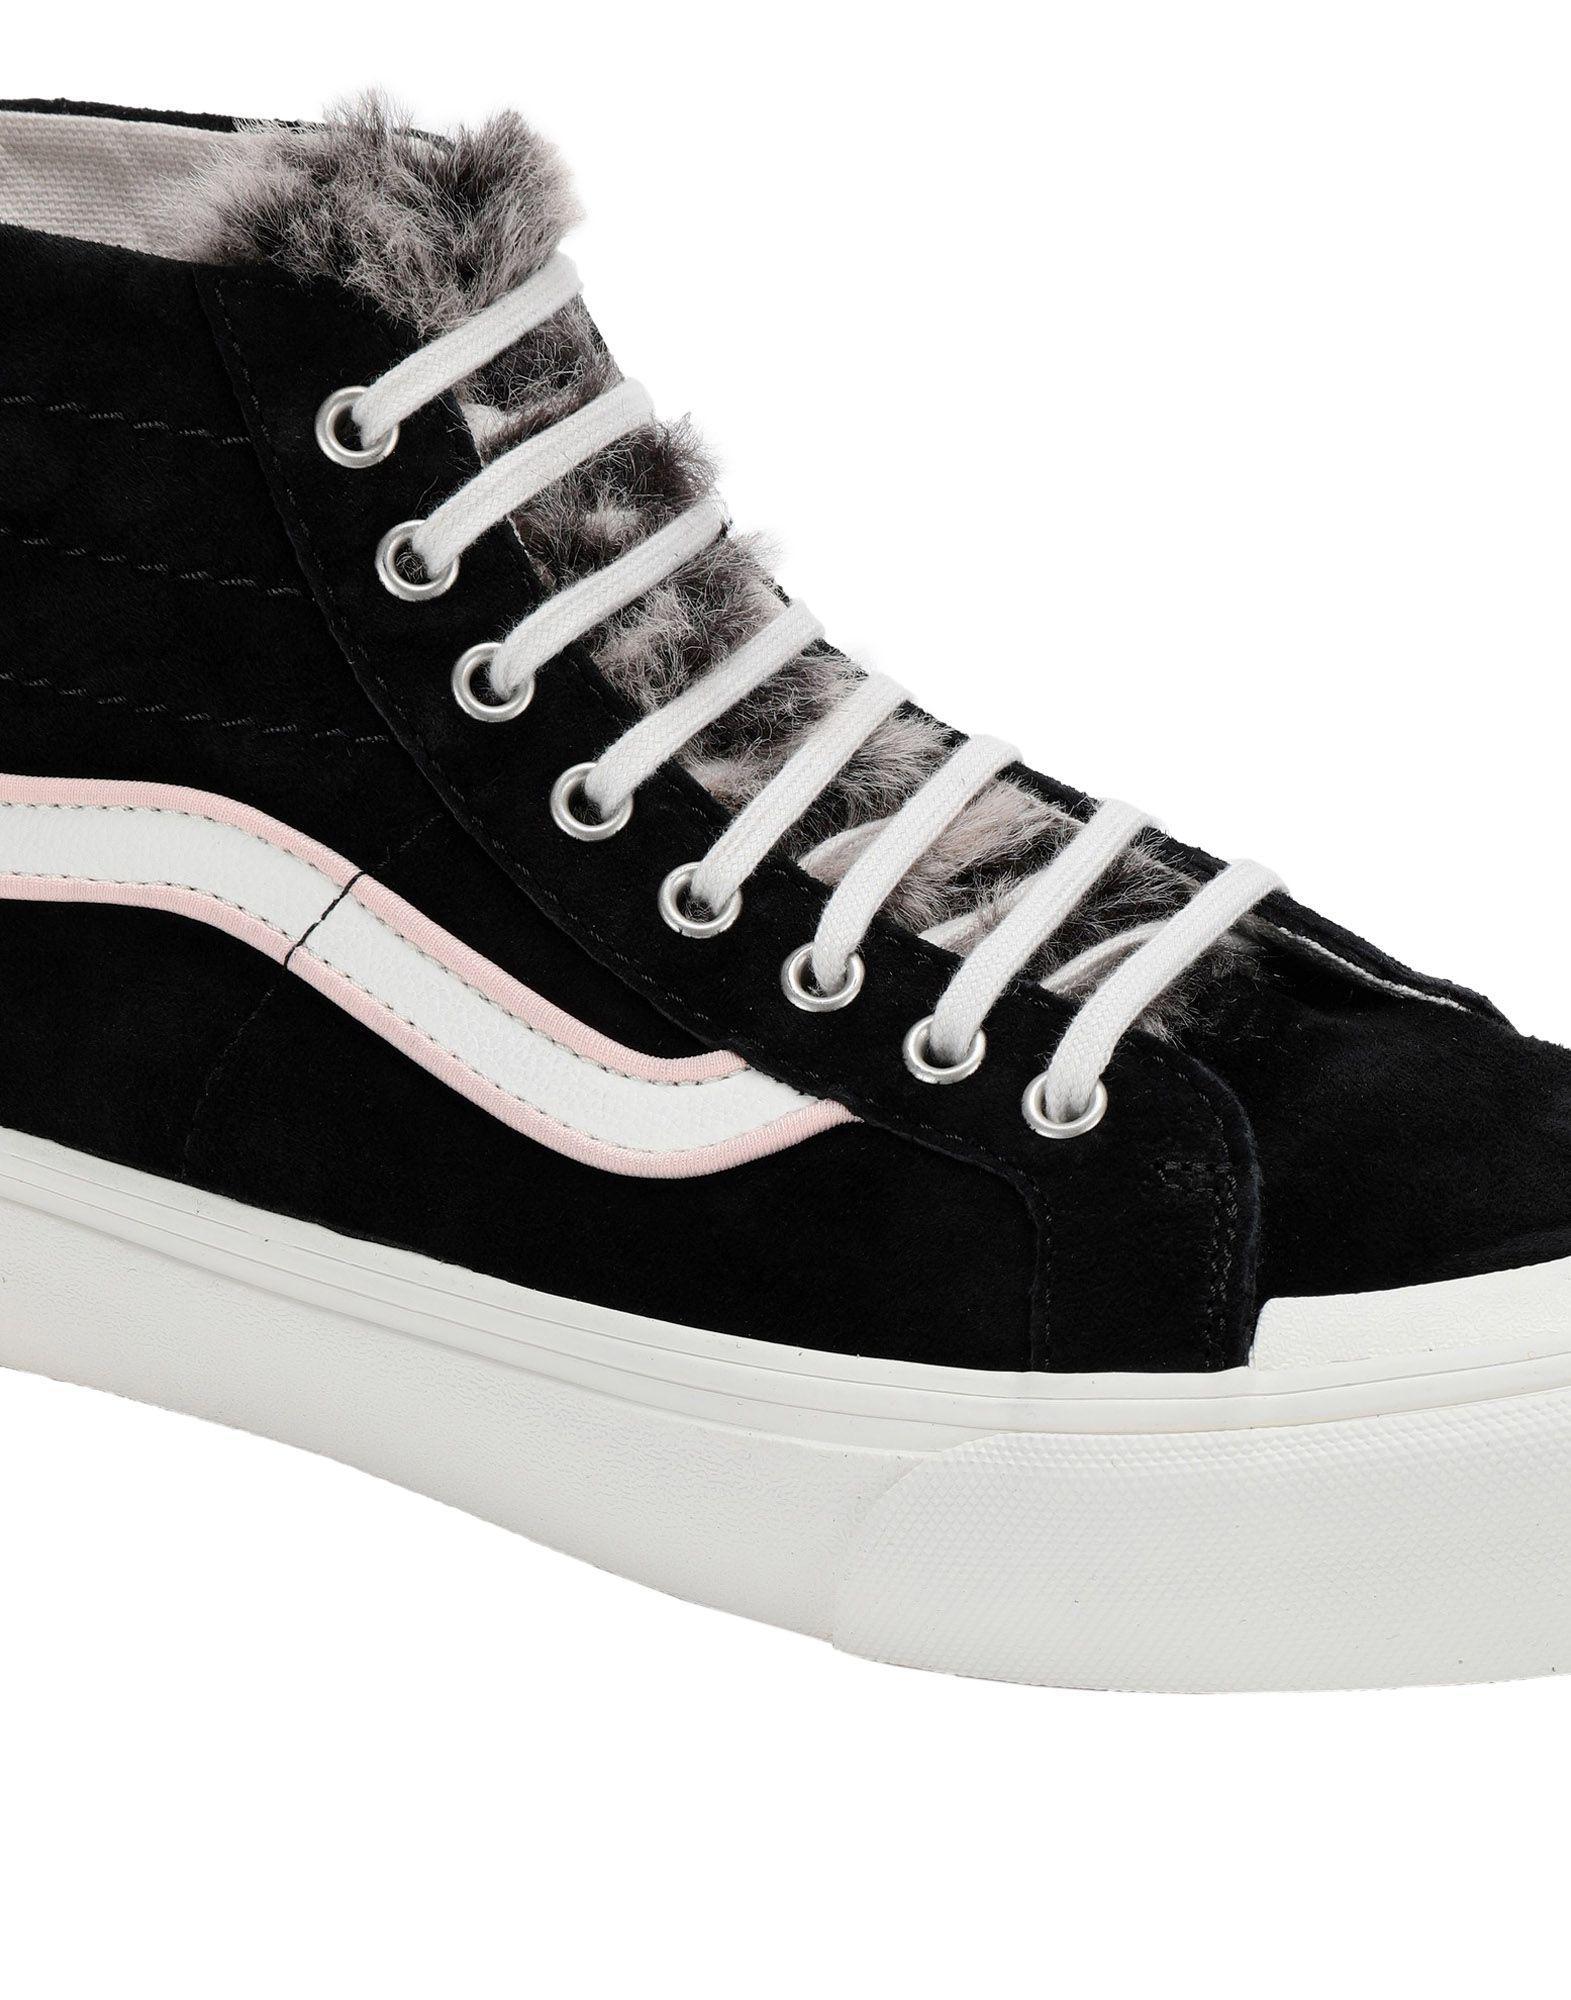 c6b142407dc7fb Vans High-tops   Sneakers in Black - Lyst